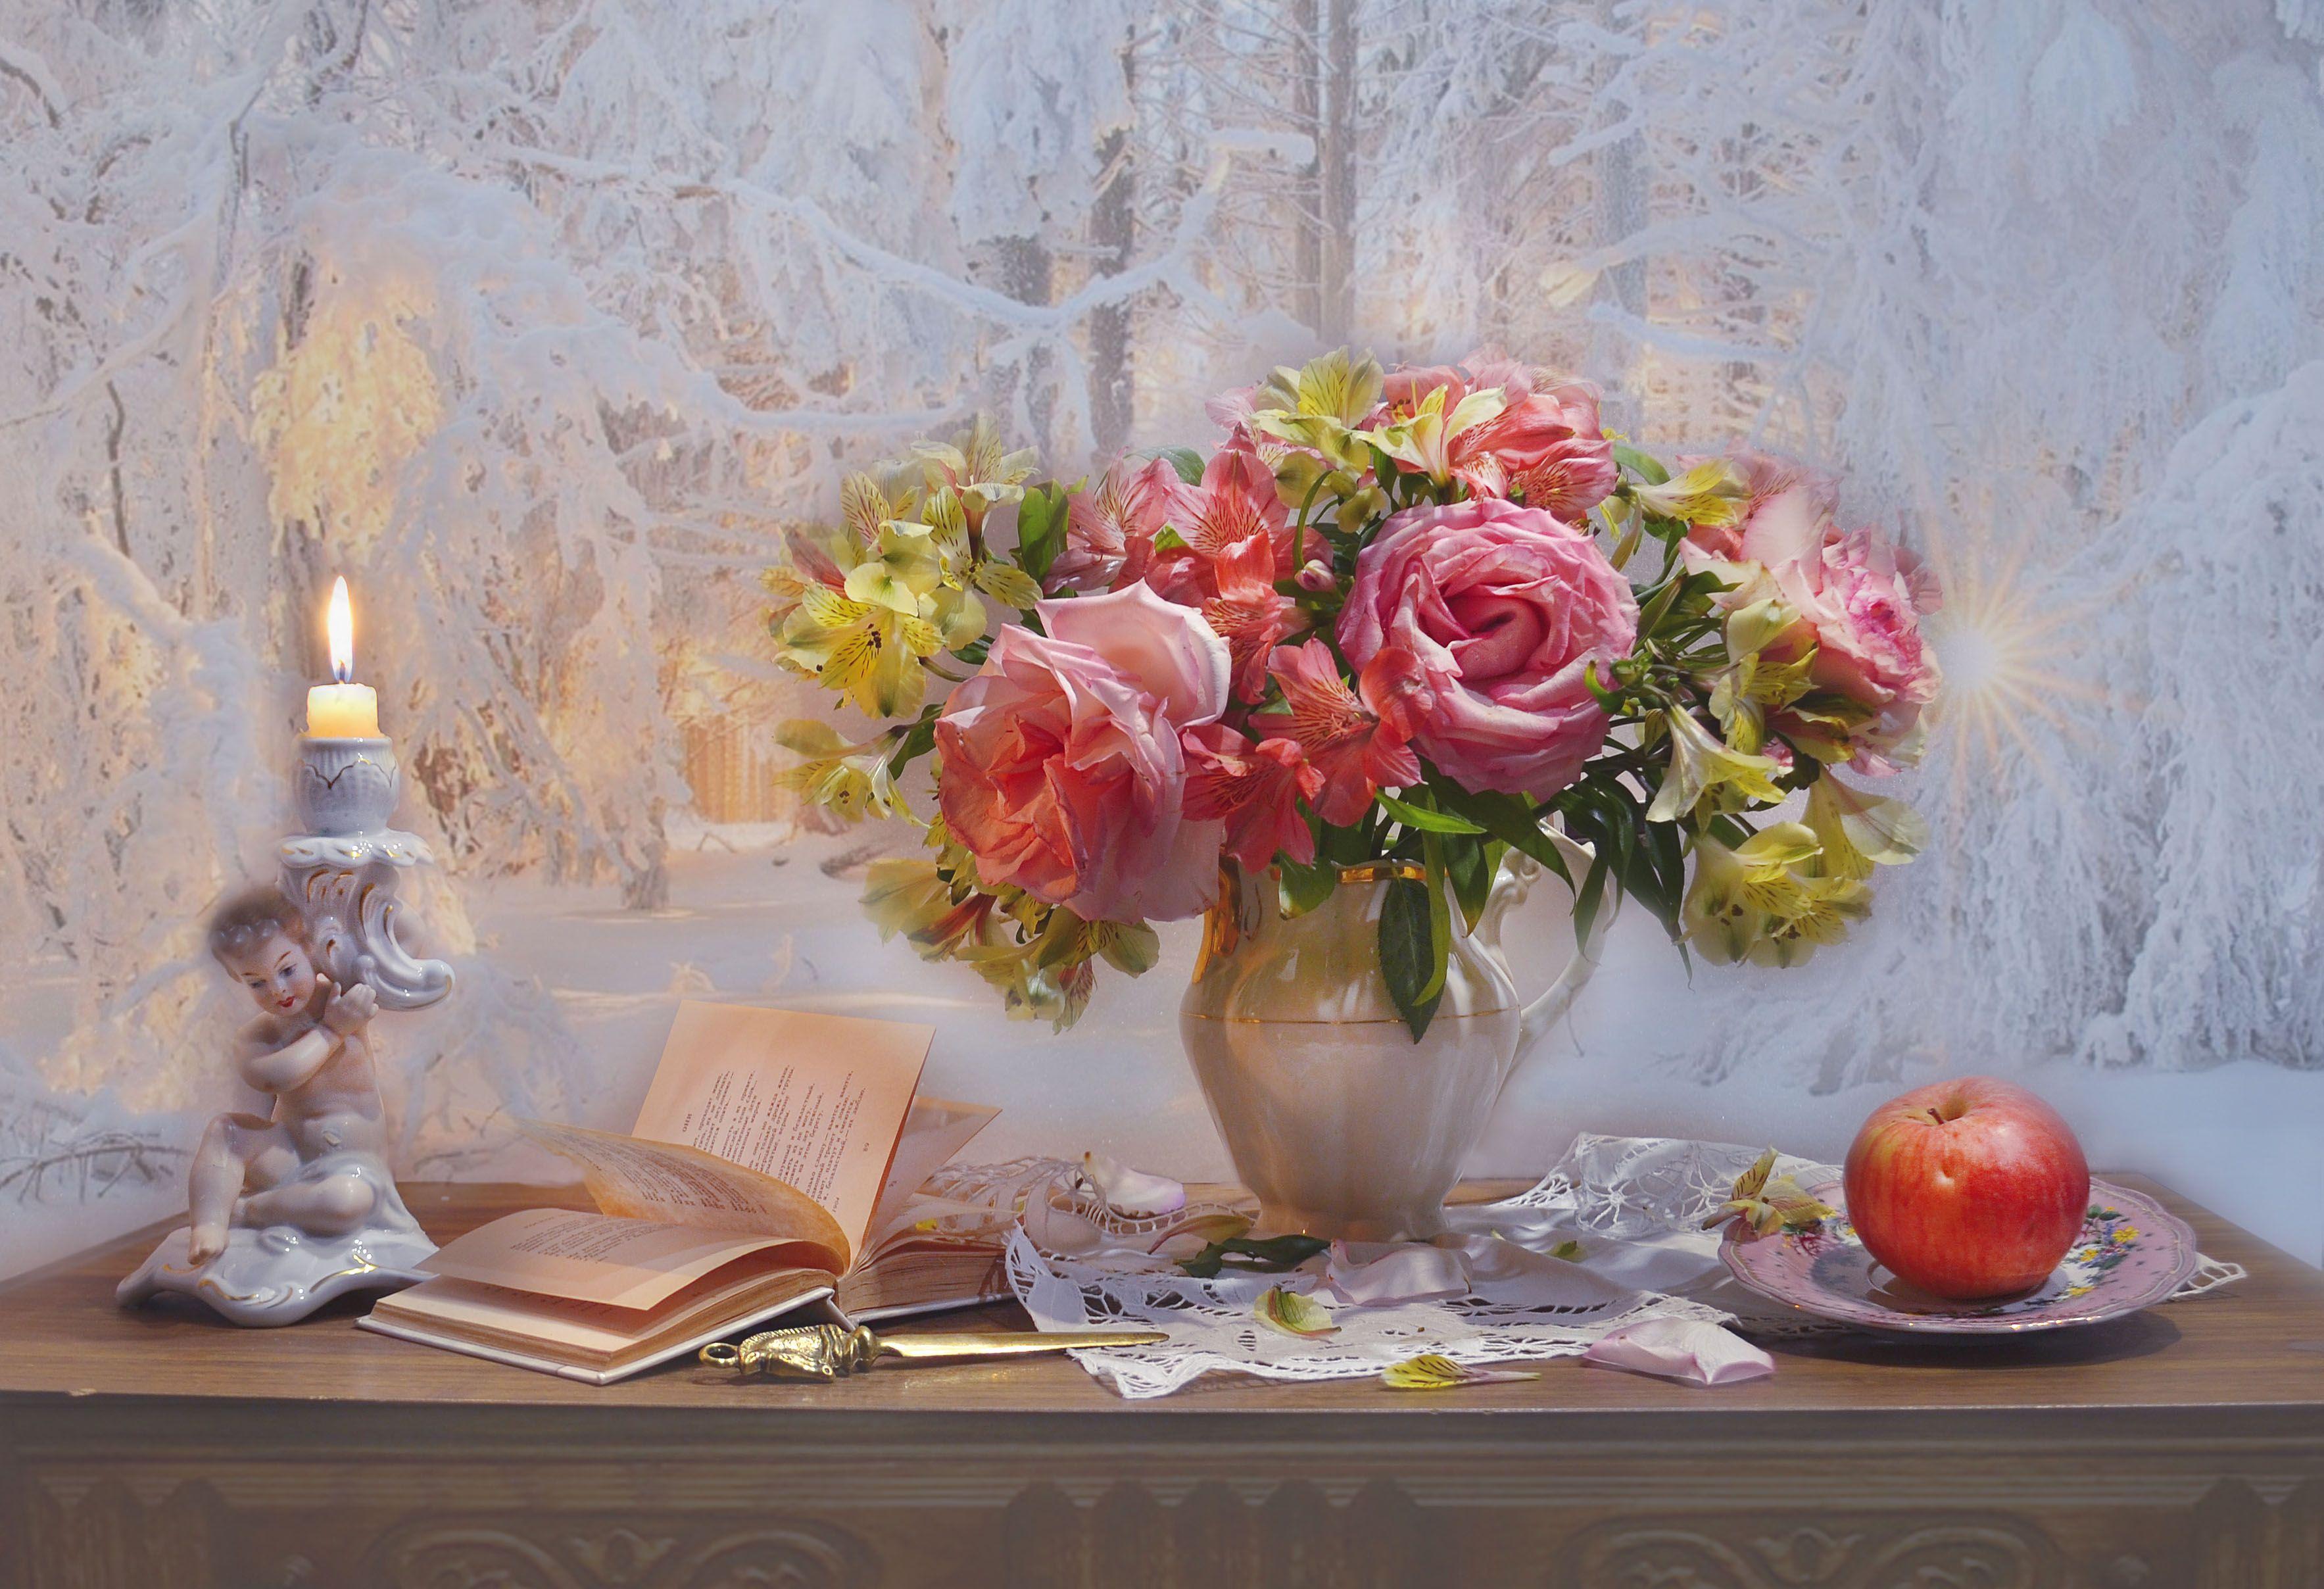 still life, натюрморт, цветы, фото натюрморт, зима, январь,последний день января, розы, альстромерия,книга, стихи, свеча, подсвечник, настроение, Колова Валентина